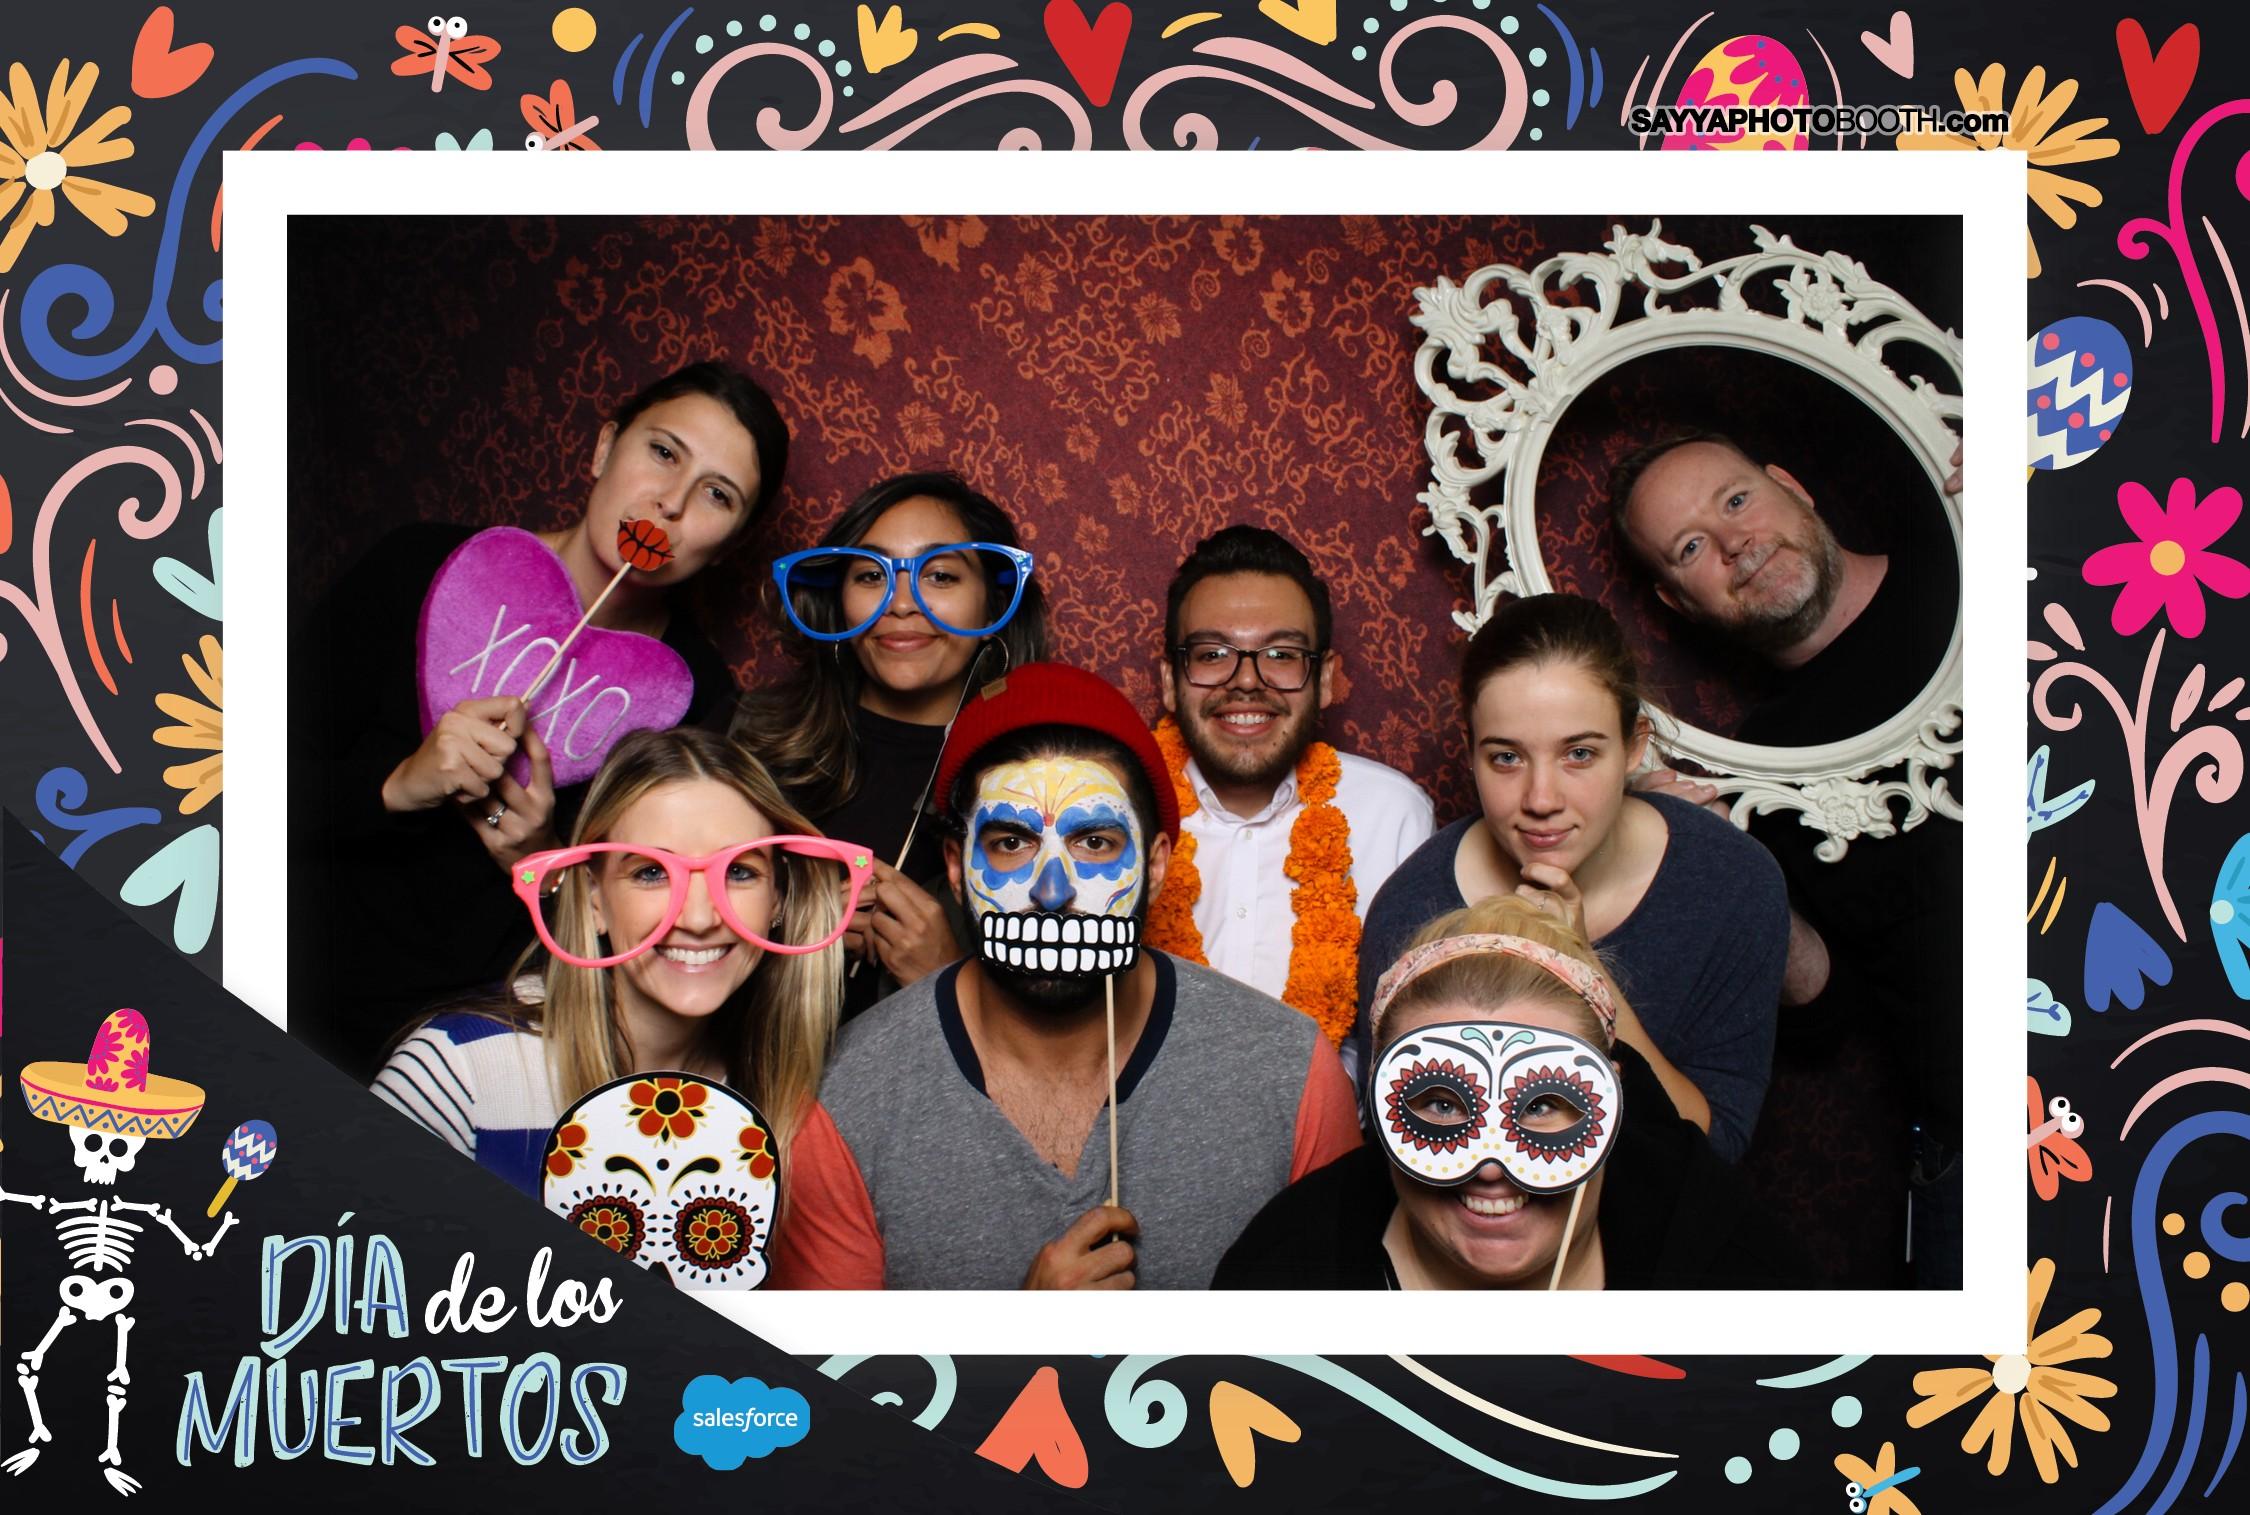 Salesforce Dia de los Muertos